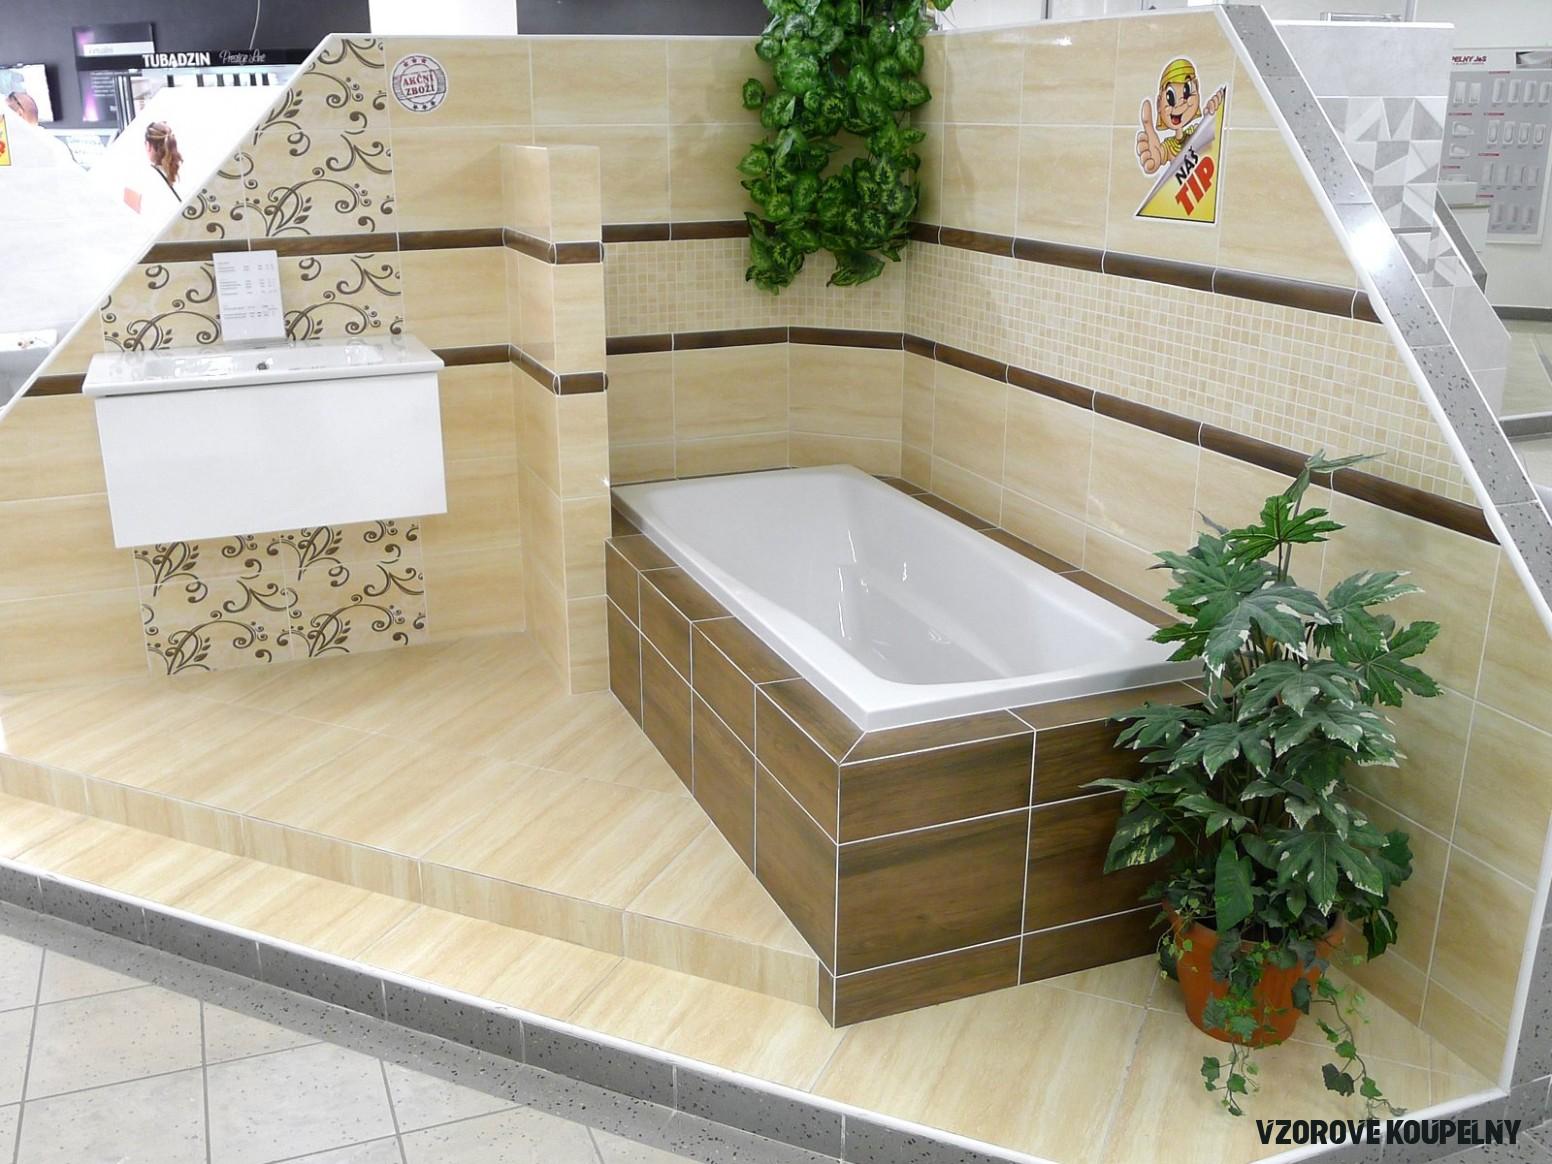 Otrokovice  Prodejny  Koupelny JaS - koupelny, obklady a dlažby